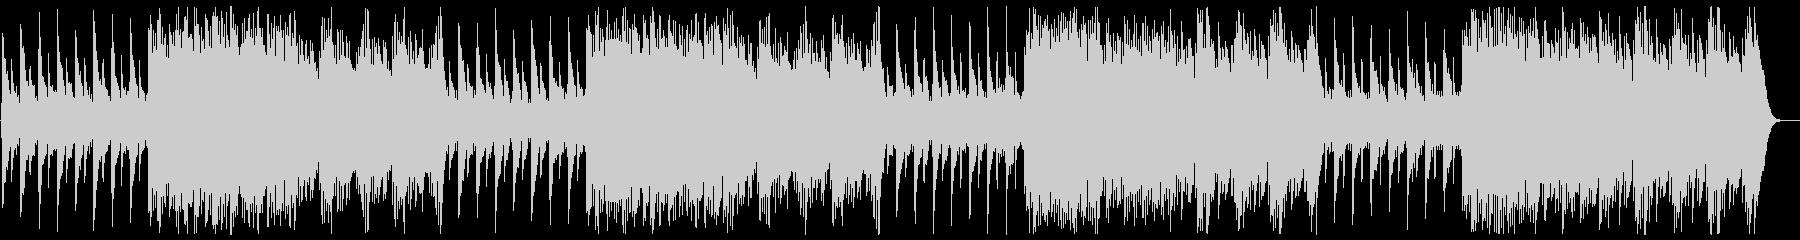 テンポいい可愛いハンドベルの曲の未再生の波形